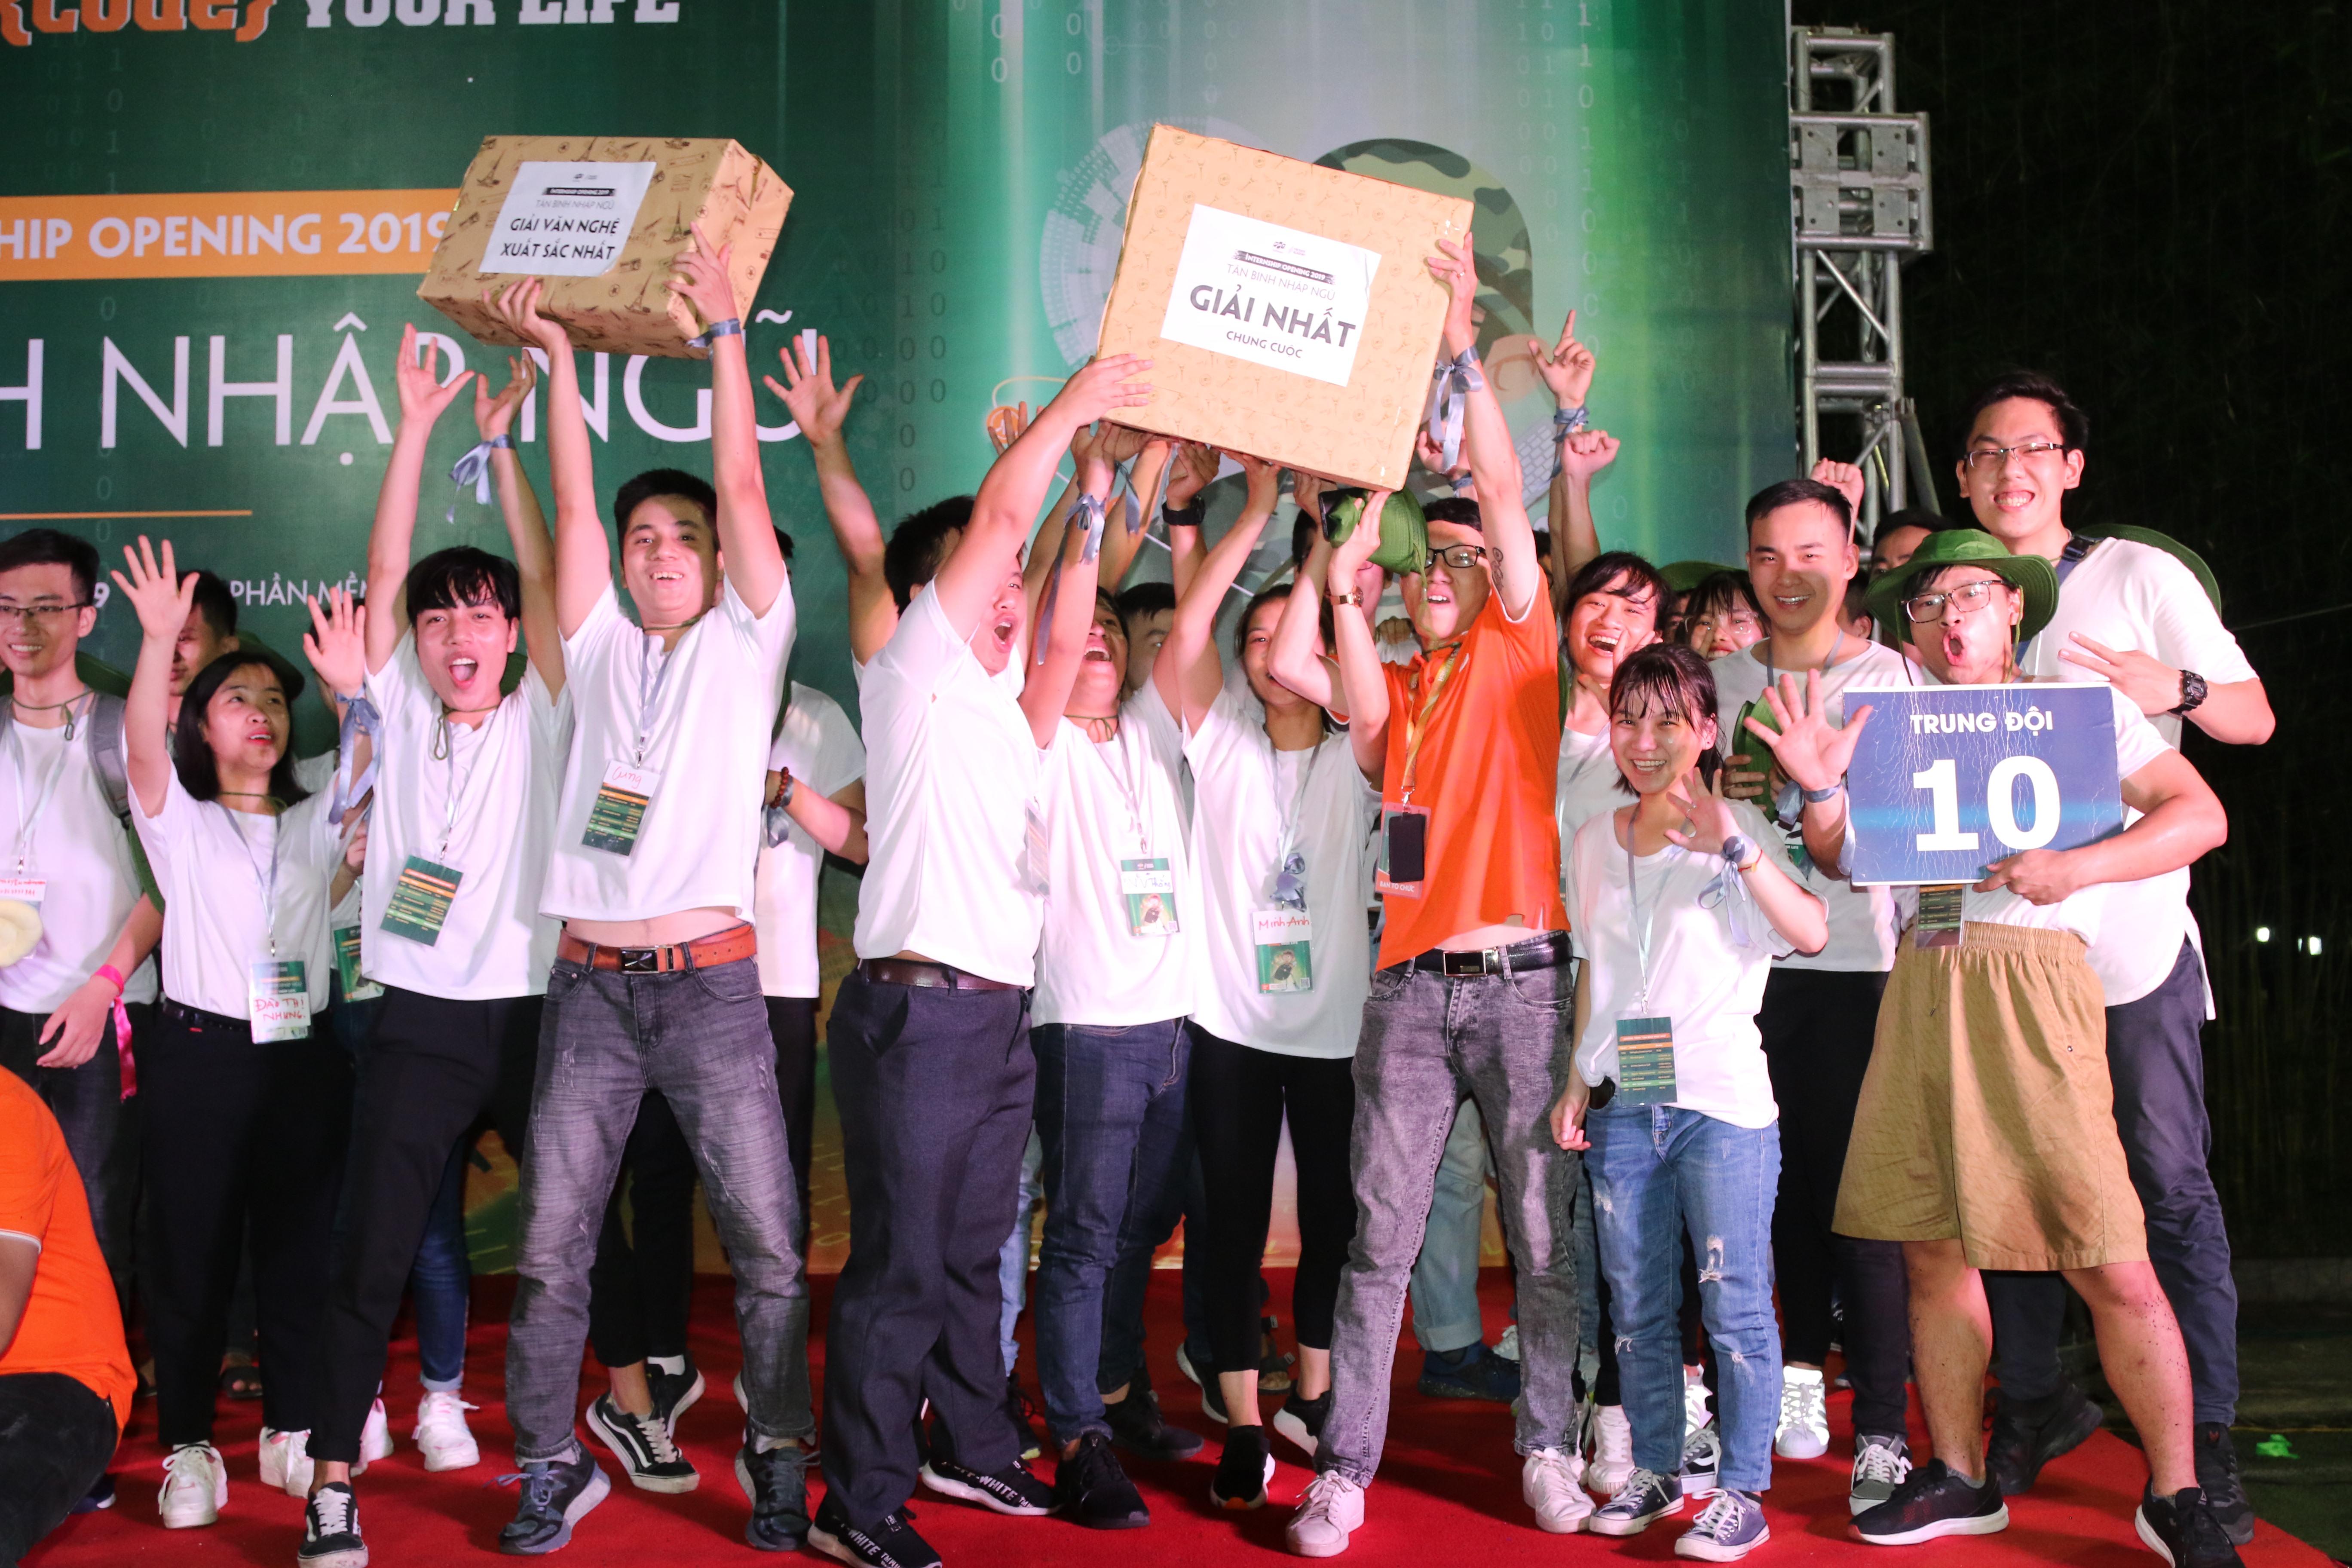 Chung cuộc, tiết mục giải Nhất thuộc về trung đội 10, giải Nhì gọi tên trung đội 2. Các đội còn lại nhận giải Khuyến khích và phần quà từ chương trình.